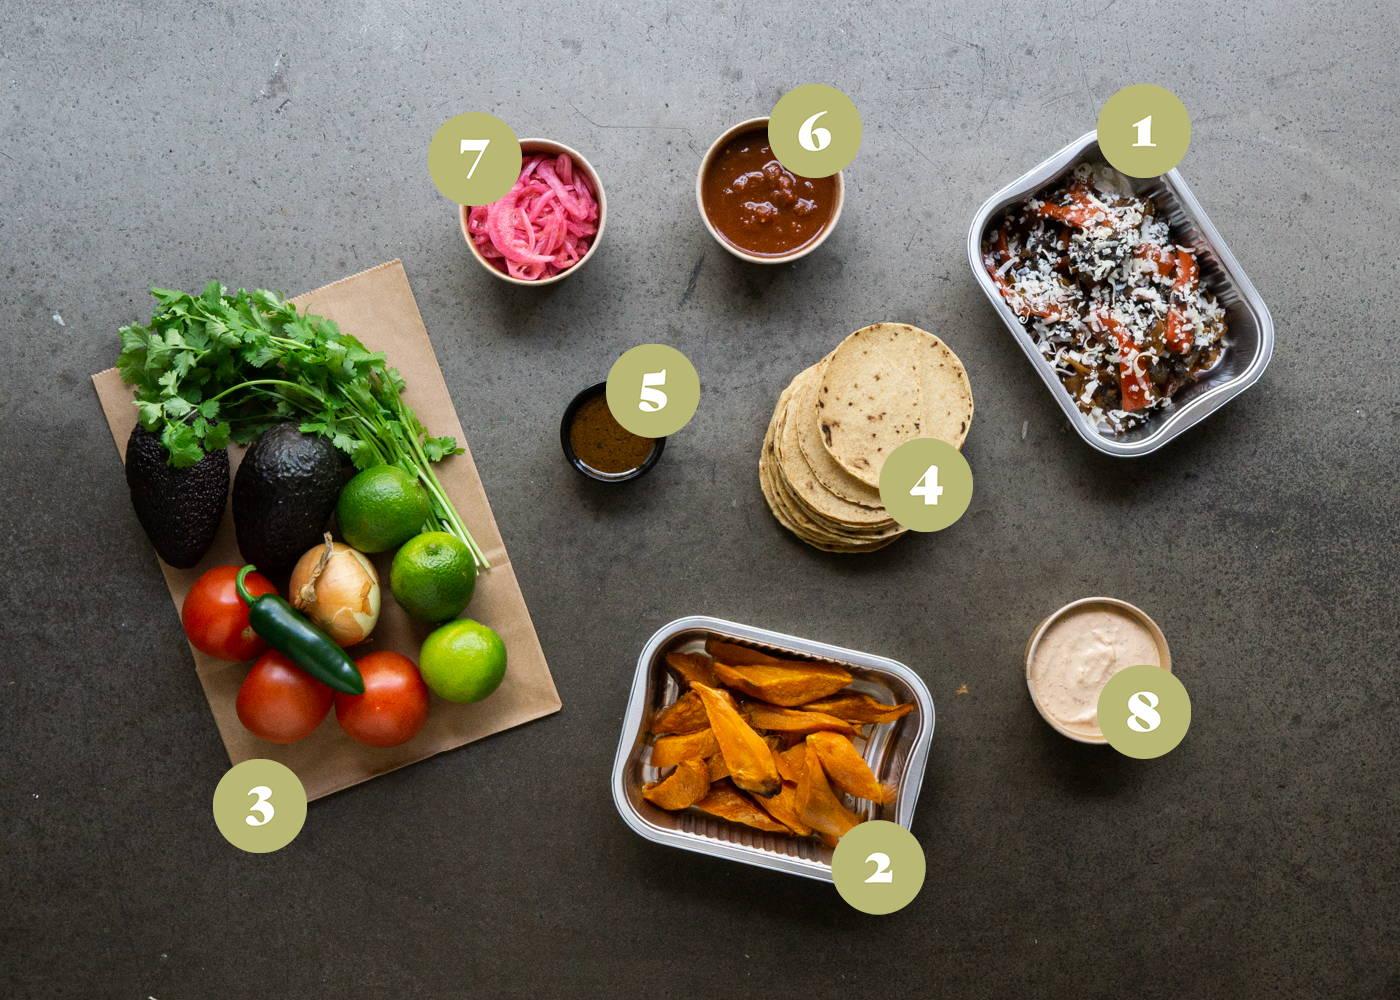 Opskrift og vejledning på Samle selv tacos med søde kartofler og veggie fajita, blandet salsaer og toppings